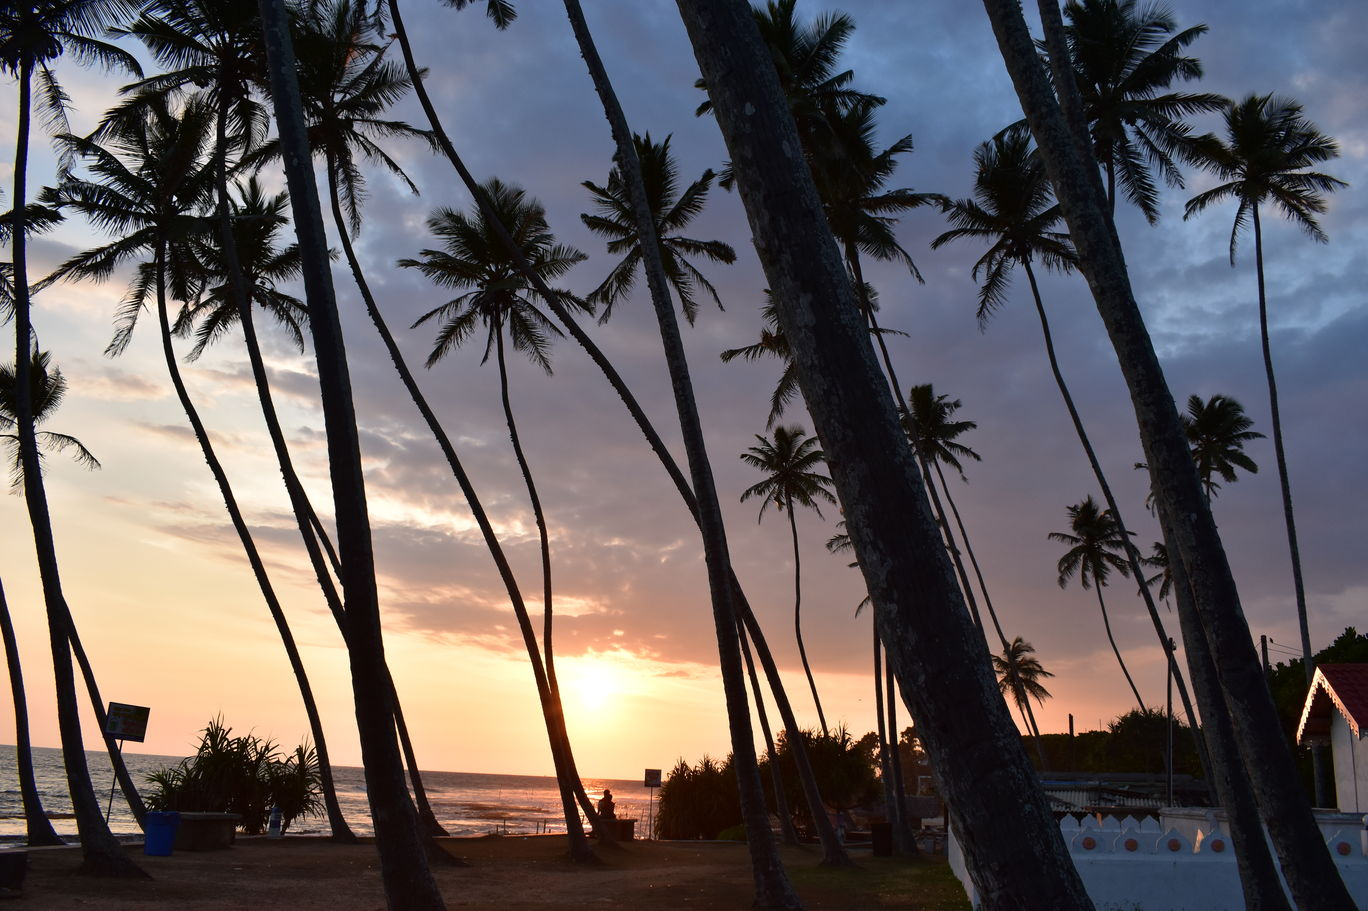 Photo of Sri Lanka By Amitha Prasad